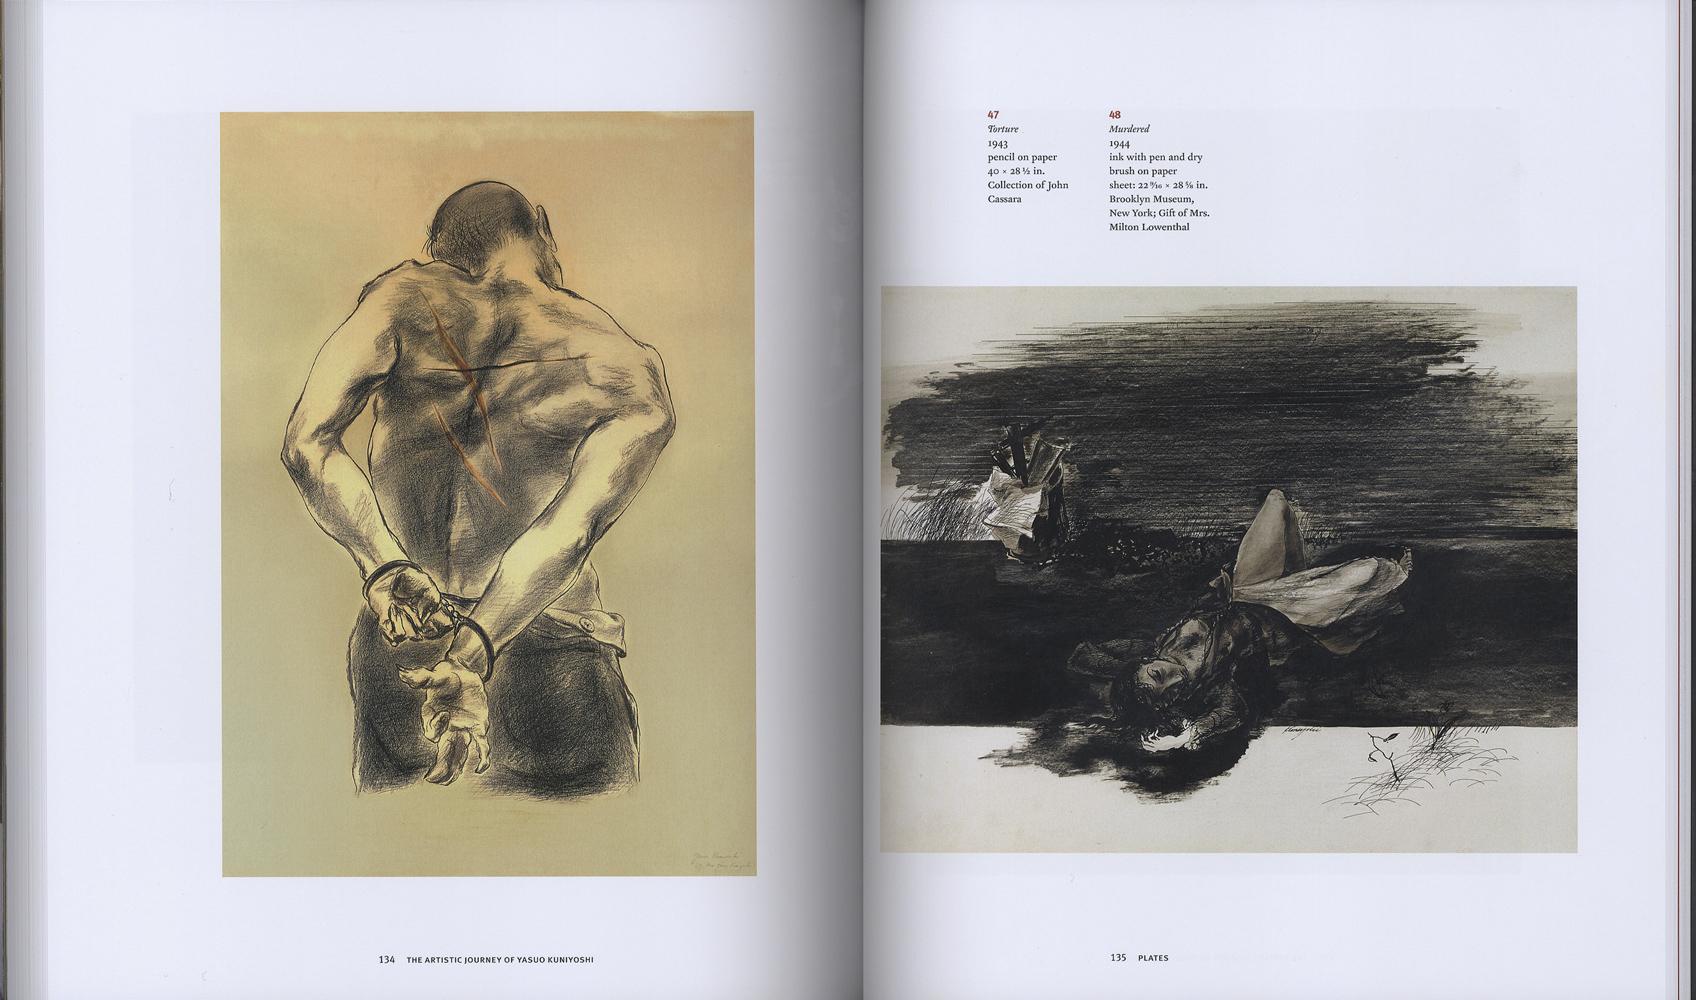 The Artistic Journey of Yasuo Kuniyoshi[image4]